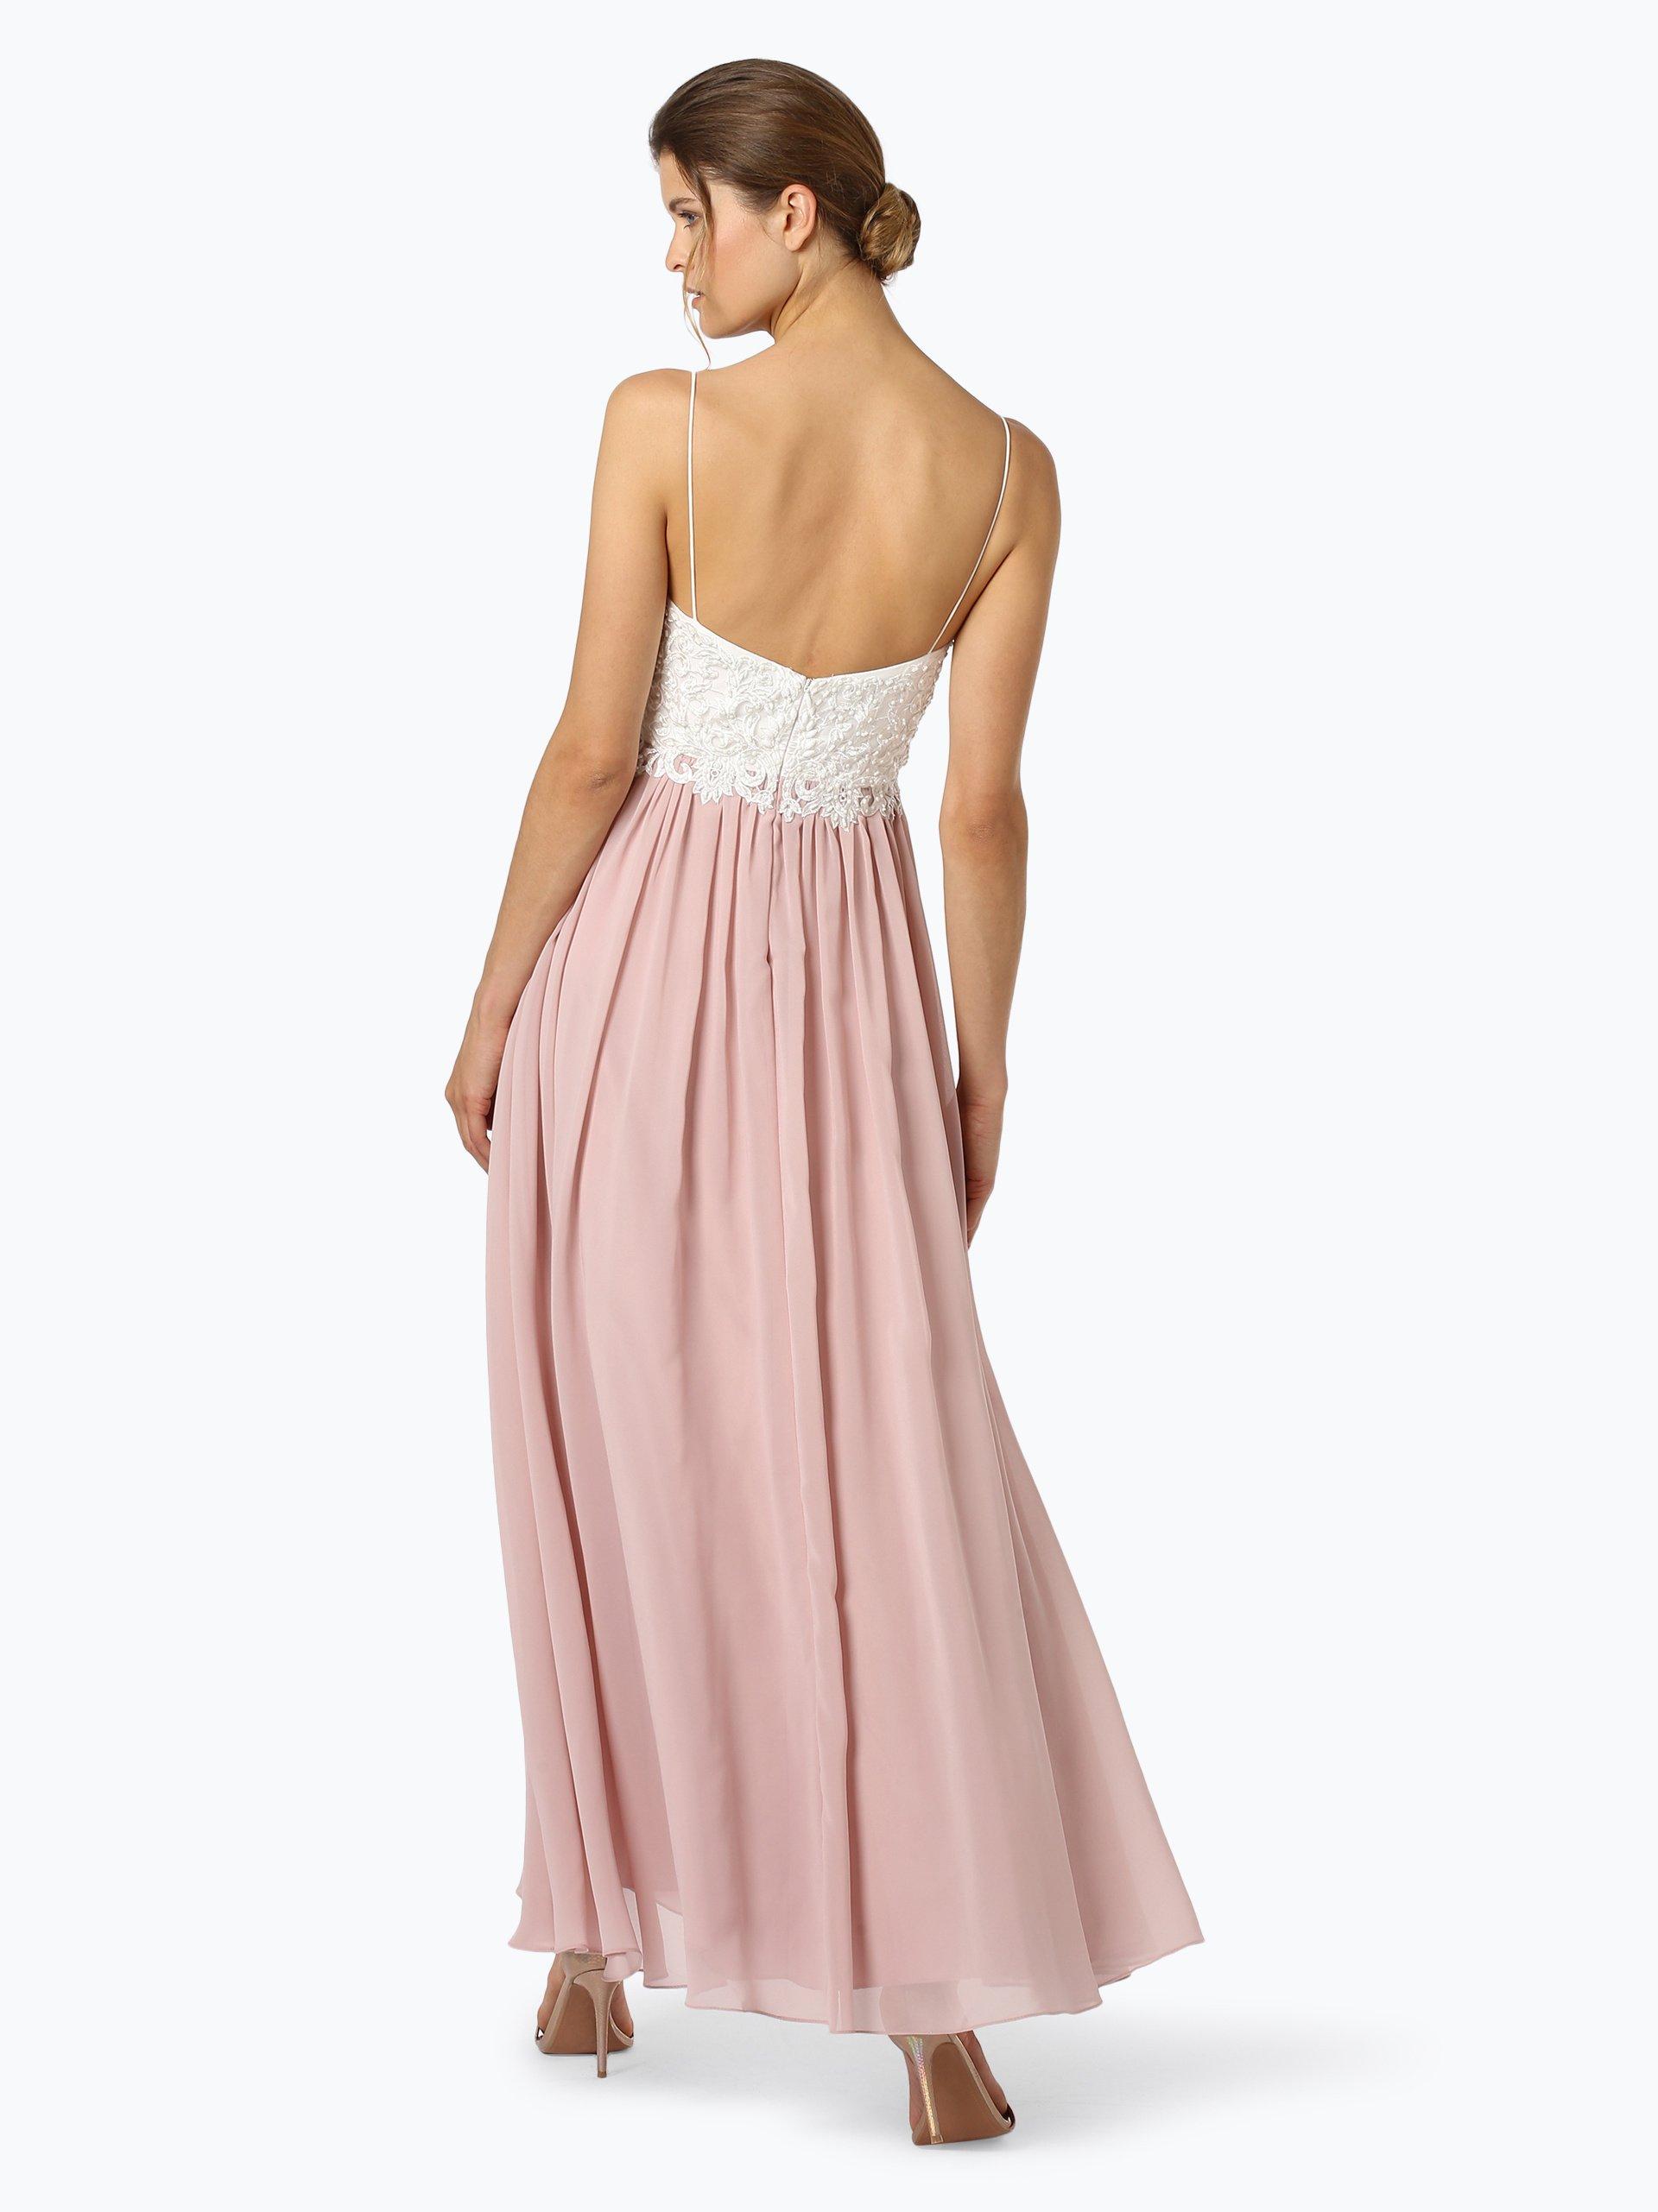 Laona Damska sukienka wieczorowa